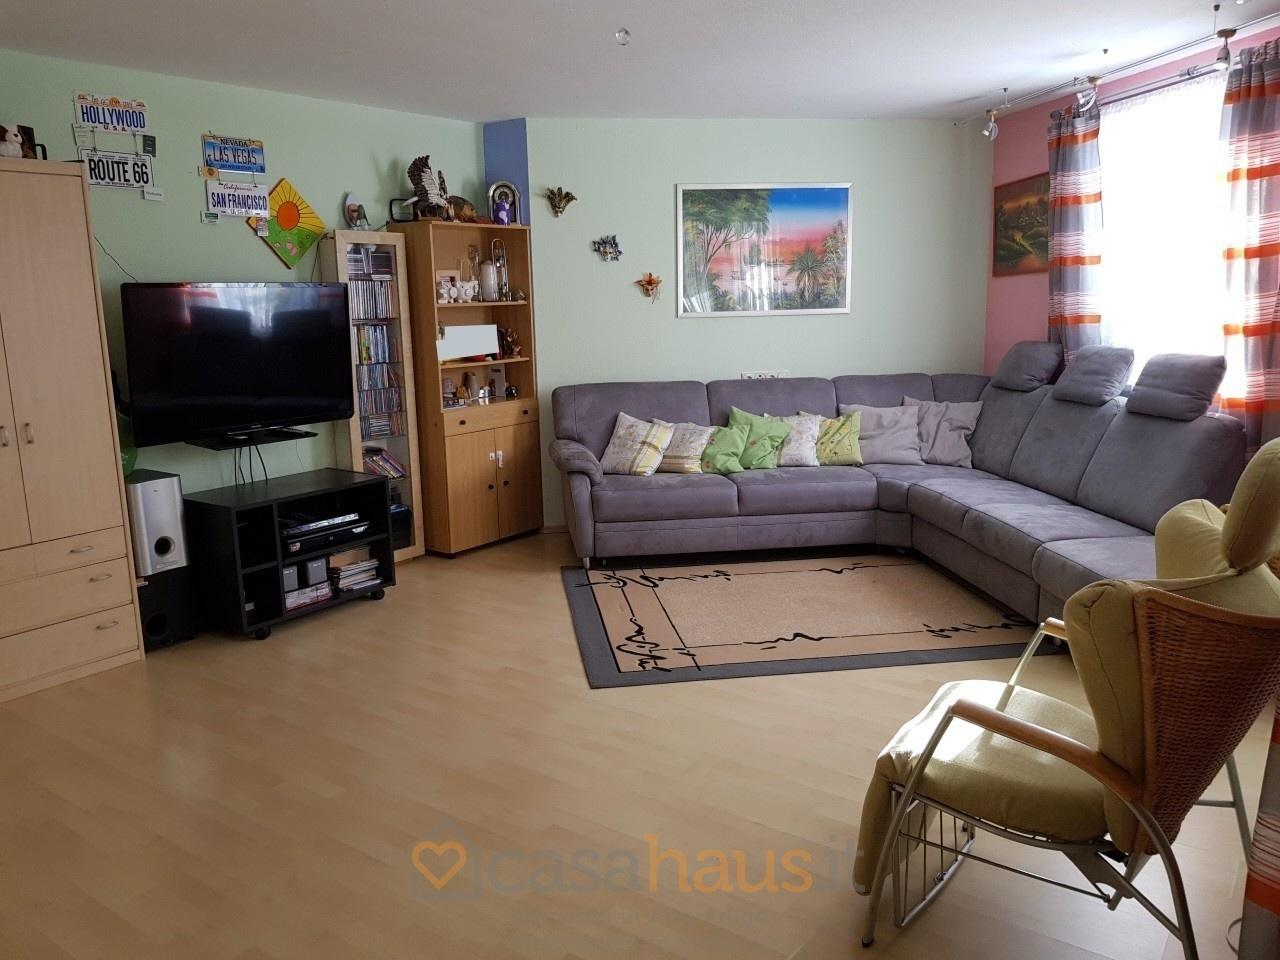 Appartamento in vendita a Valle Aurina, 4 locali, prezzo € 240.000 | PortaleAgenzieImmobiliari.it